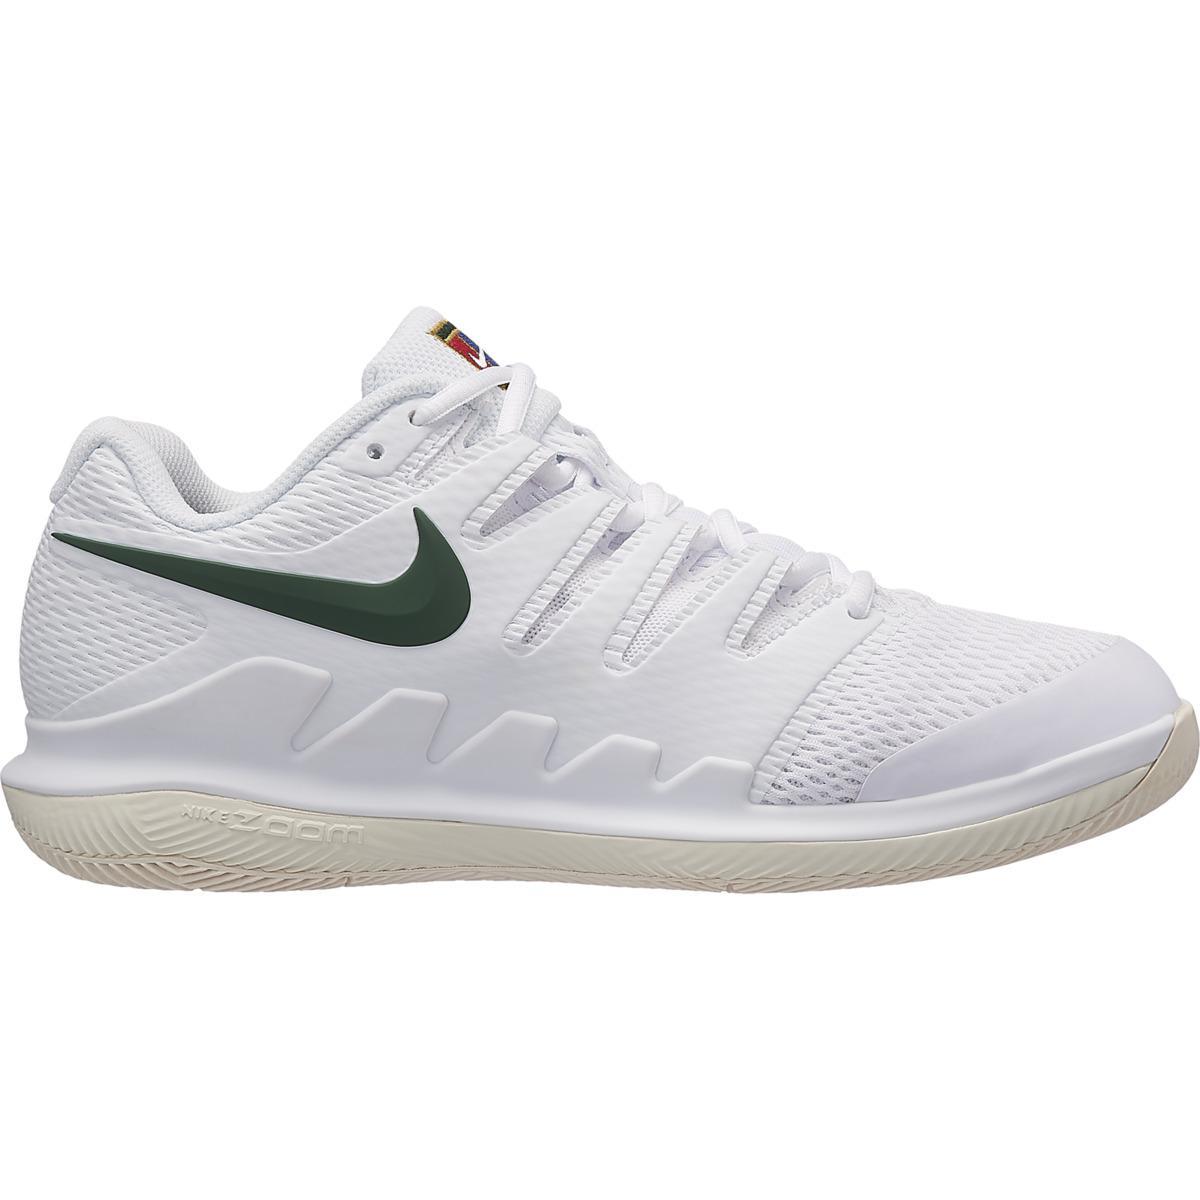 carril Equipar Rebaño  Nike Air Zoom Vapor X Hc Tennis Shoes in White - Lyst